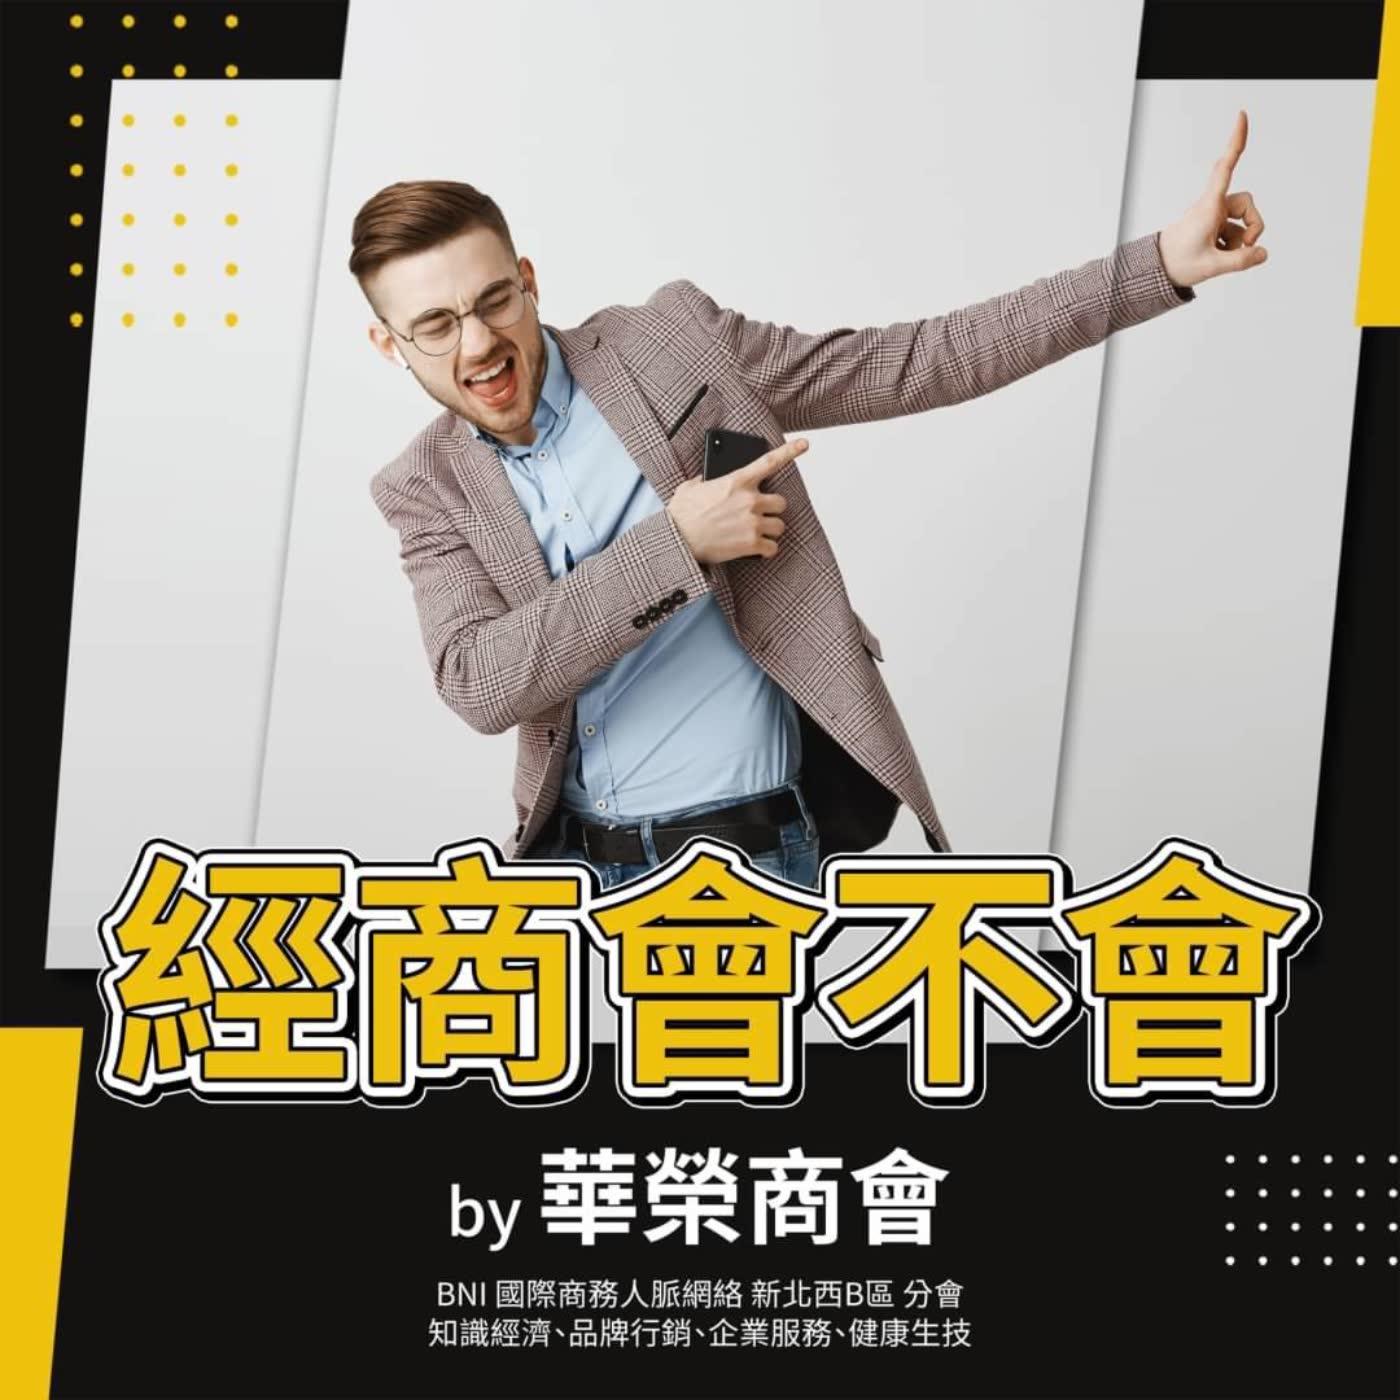 試播集《經商會不會》與華榮商會緣起 ft. 創會主席謝銘元